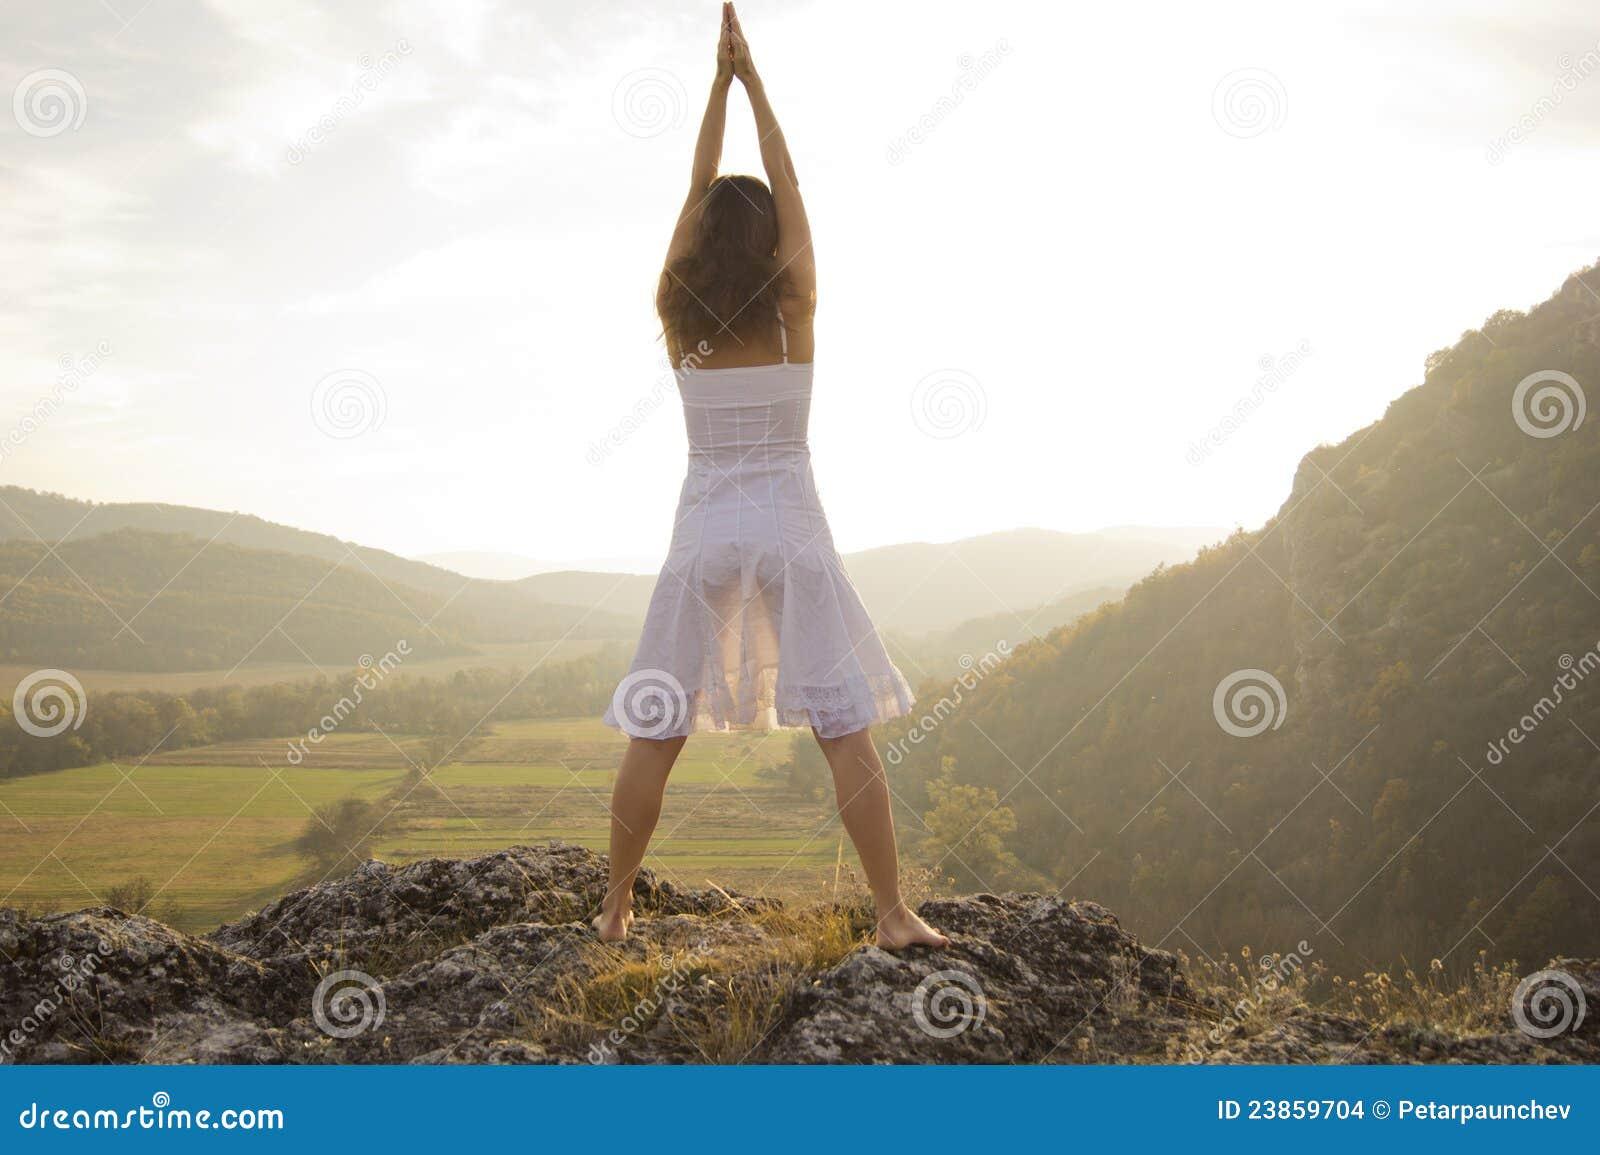 Anheben der Arme, um die Sonne zu grüßen